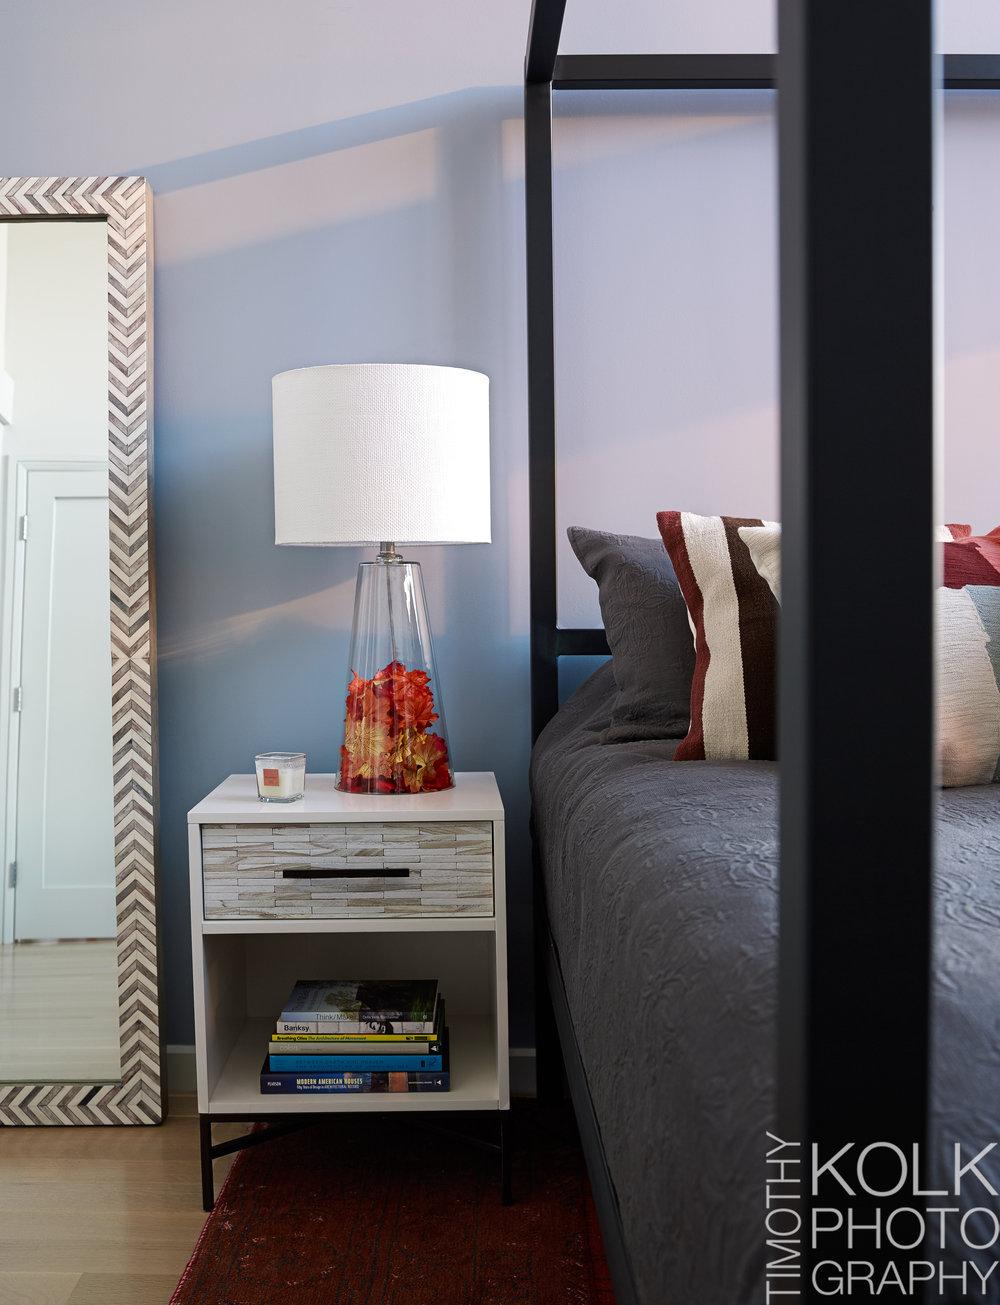 villier_bedroom2.jpg